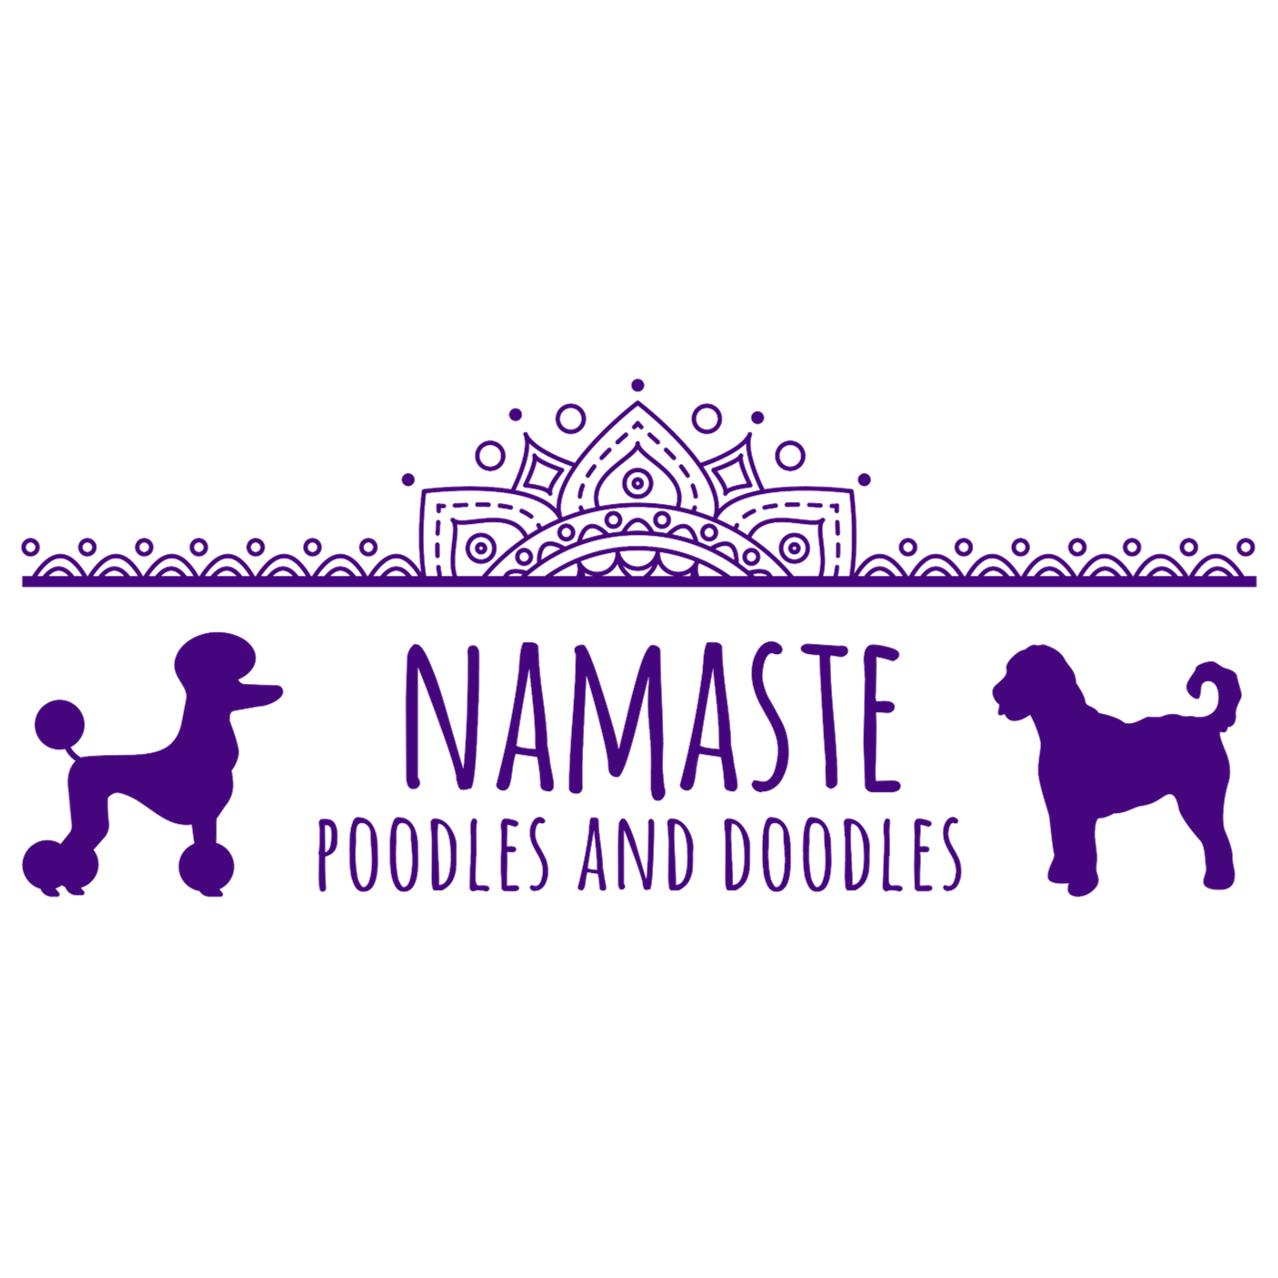 Namaste Poodles & Doodles